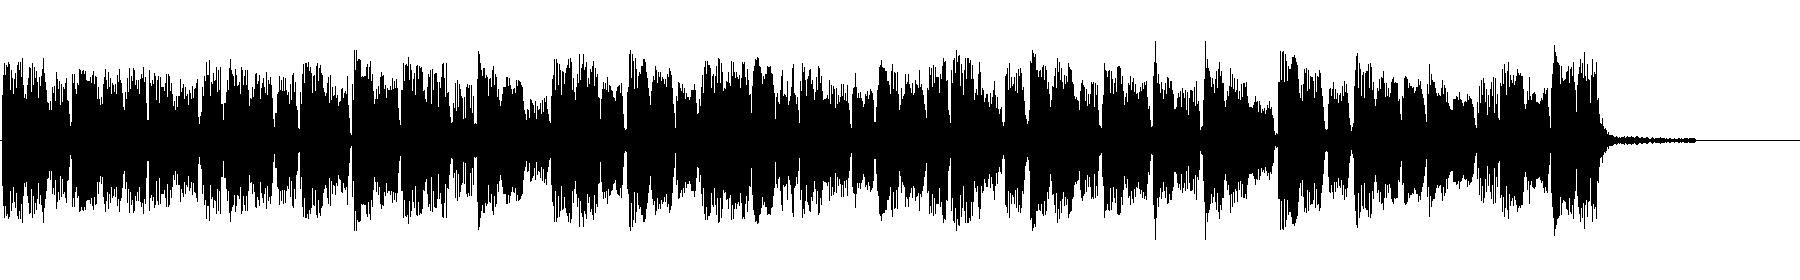 130 7string v2 b sp03